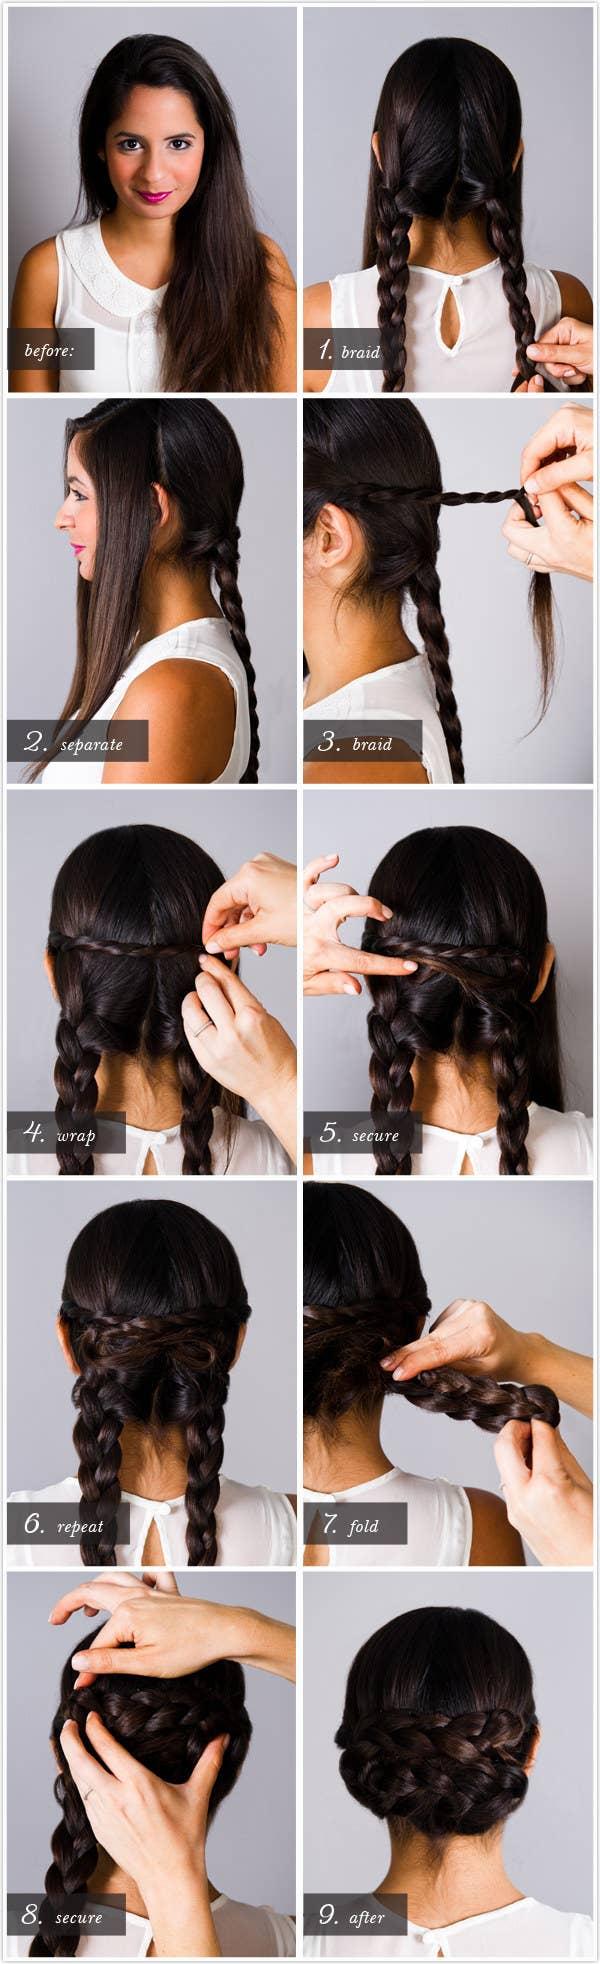 Básicamente te haces dos trenzas y luego las juntas. No necesitarás plancharte el pelo para esto, te lo juro. Los detalles están aquí.